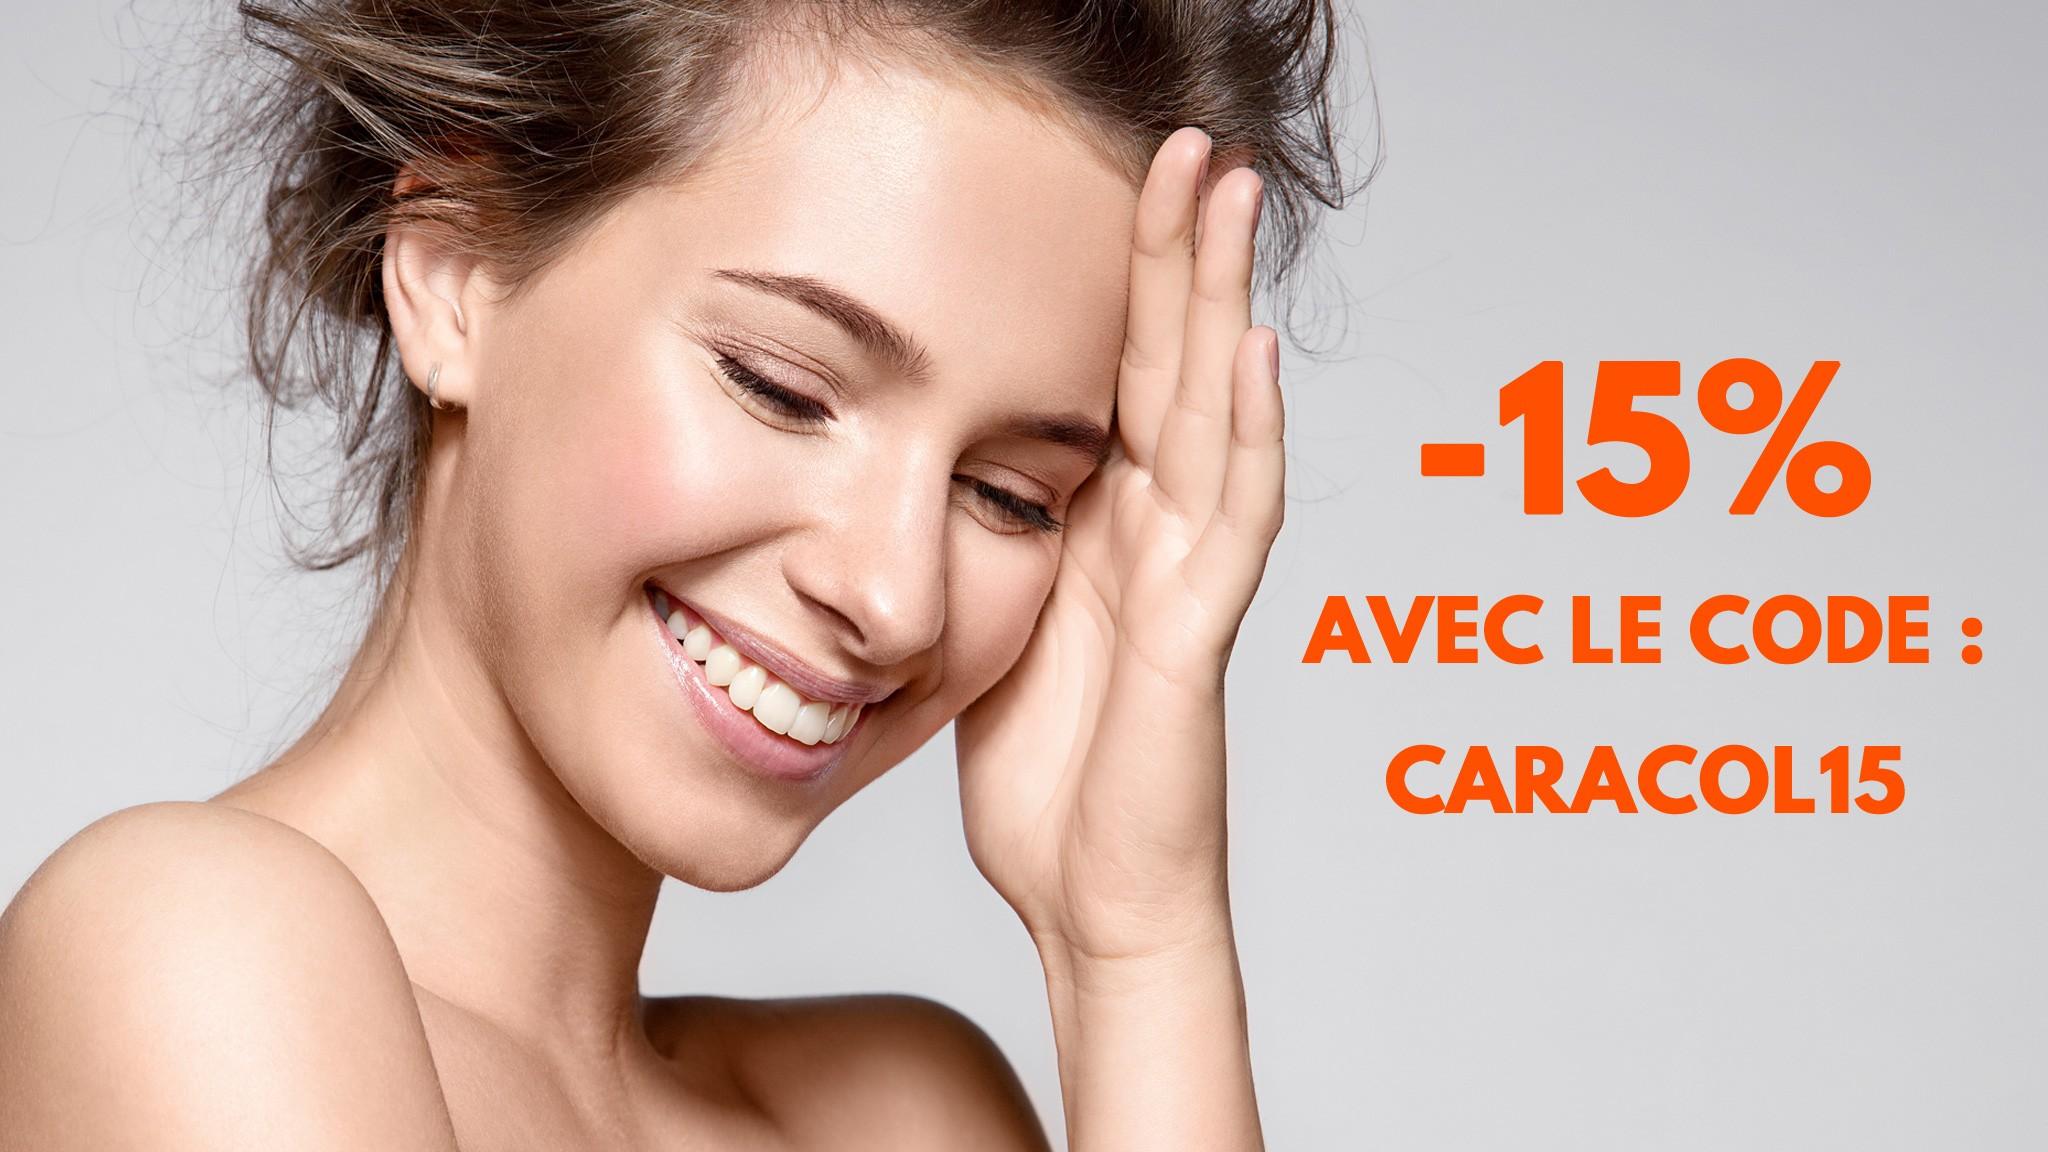 Prenez soin de vous avec Caracol Skincare -15%